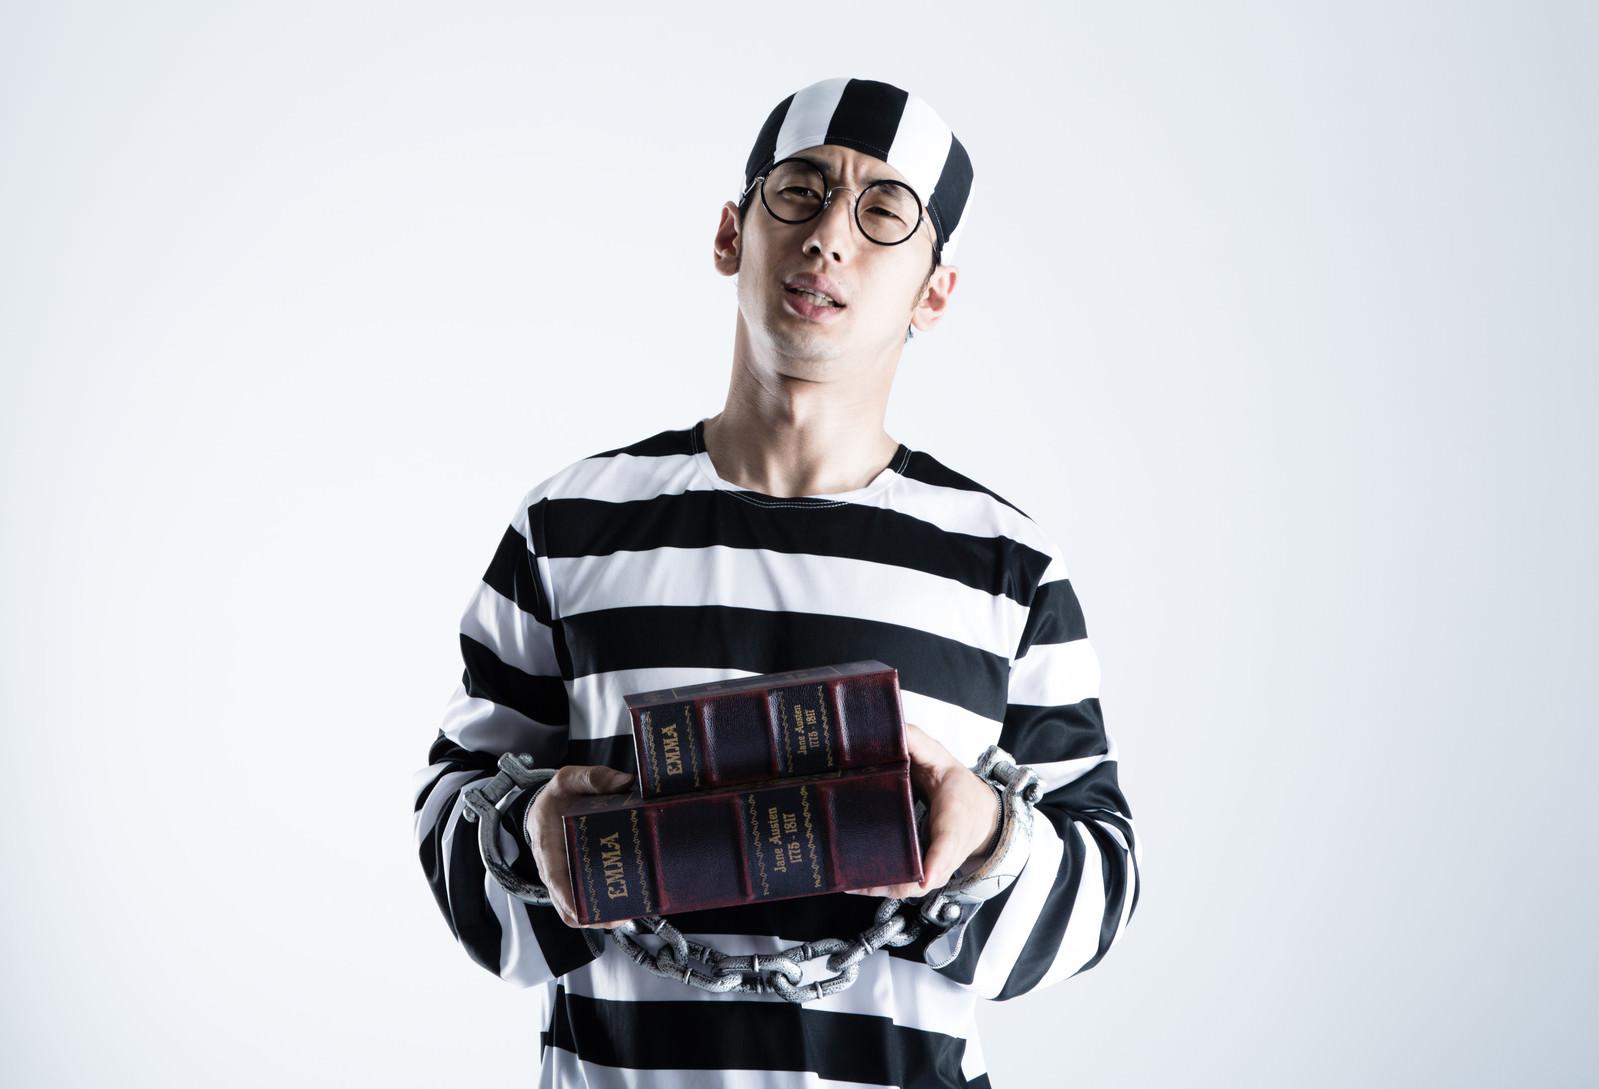 「同じ本のハードカバーと文庫本サイズを購入するうっかり囚人さん」の写真[モデル:大川竜弥]